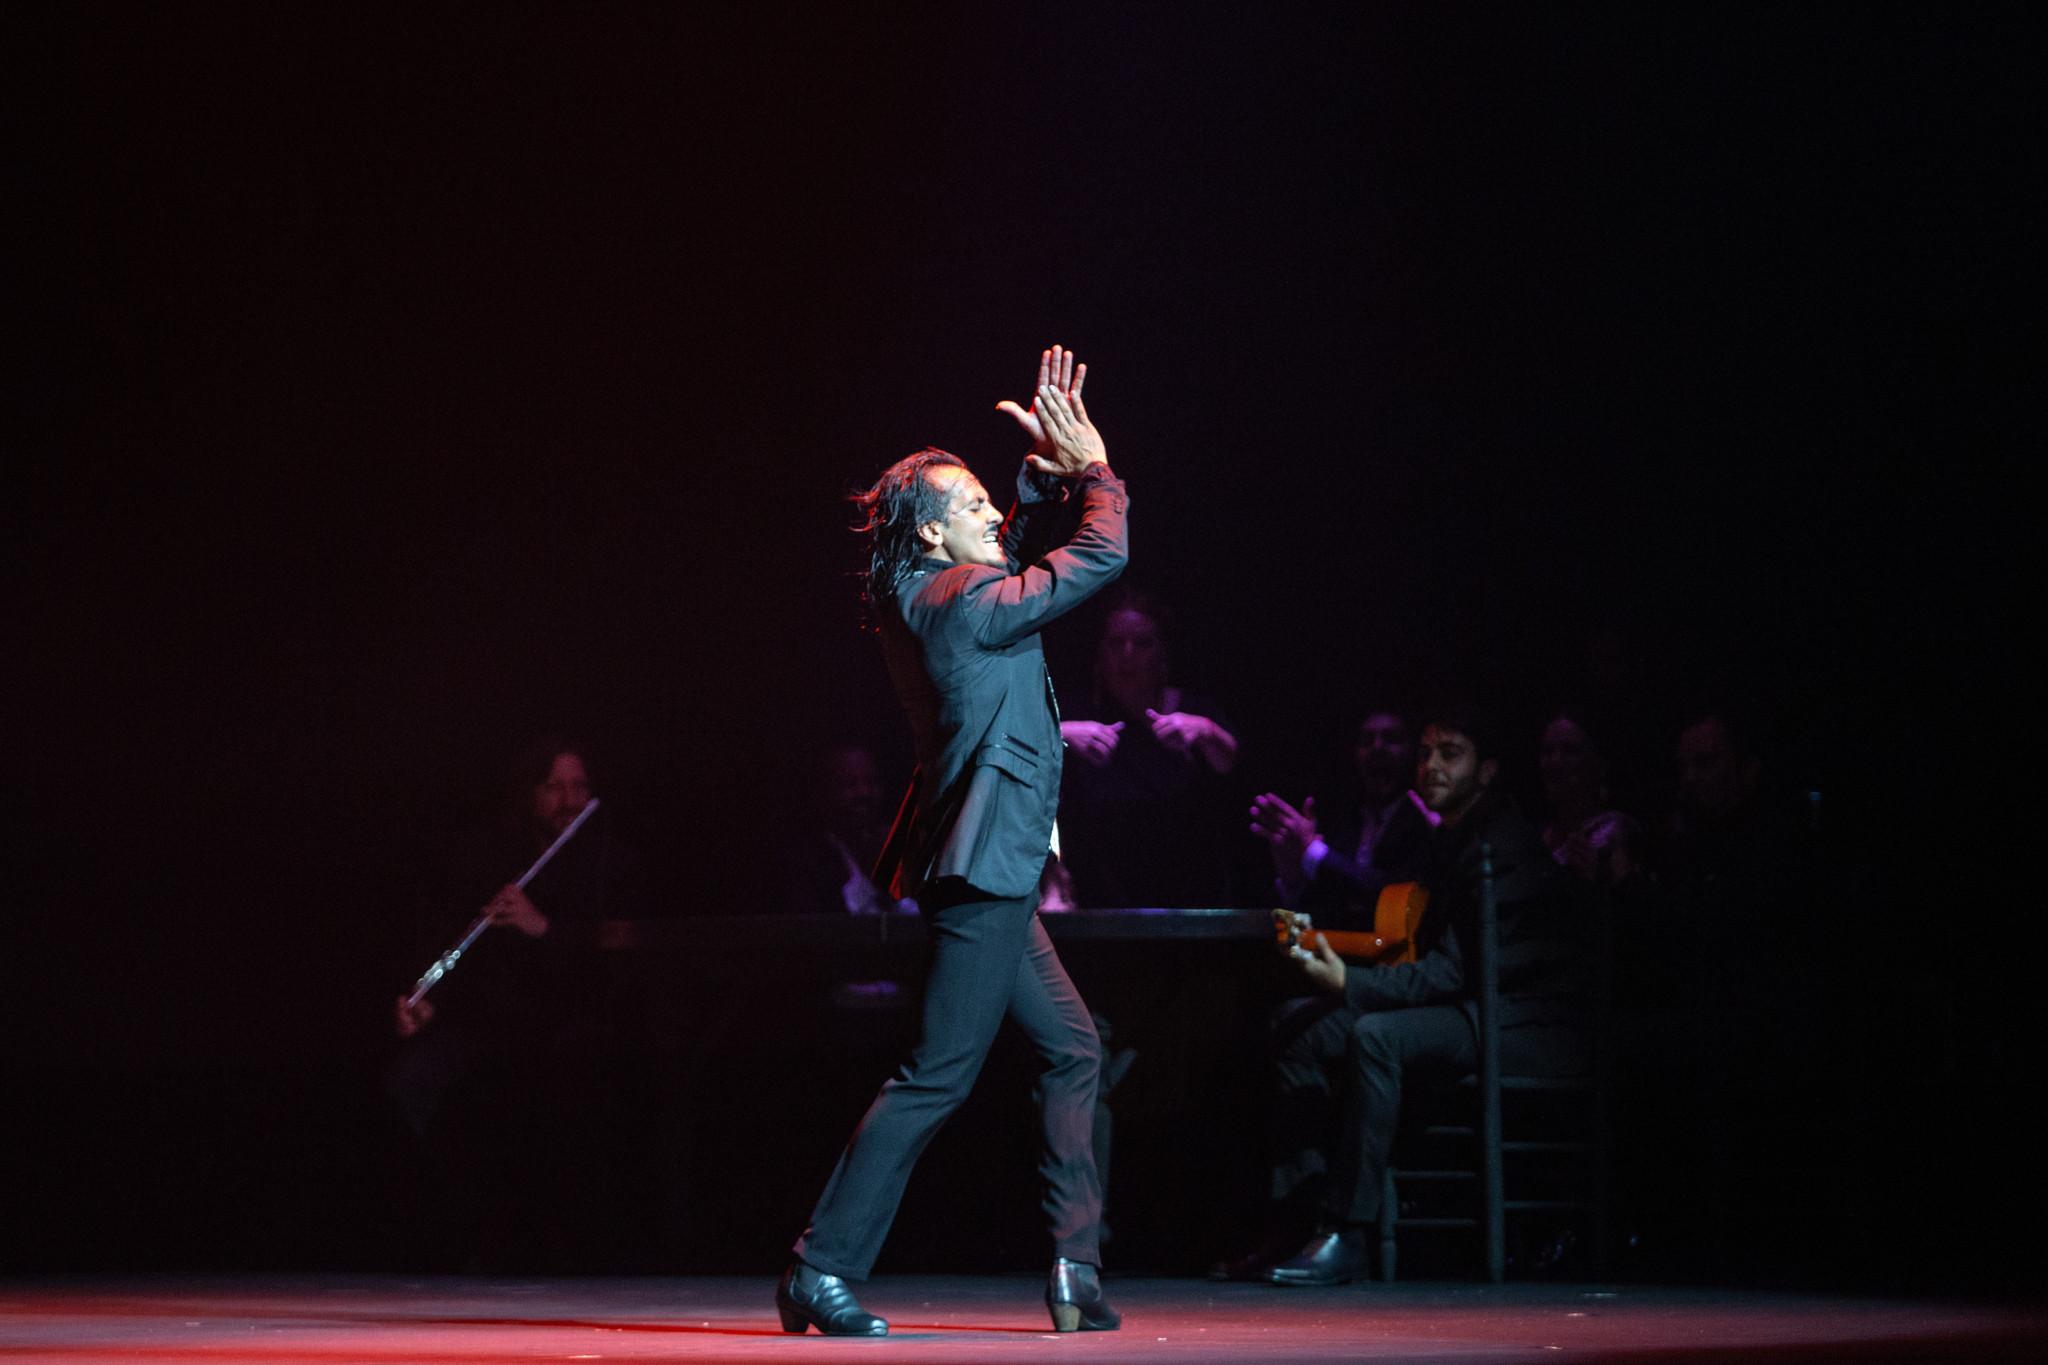 SEVILLA. 8.9.18. Espectaculo de Farruquito, Bienal de Flamenco. Teatro de la Maestranza. FOTO: VANESSA GOMEZ. archsev